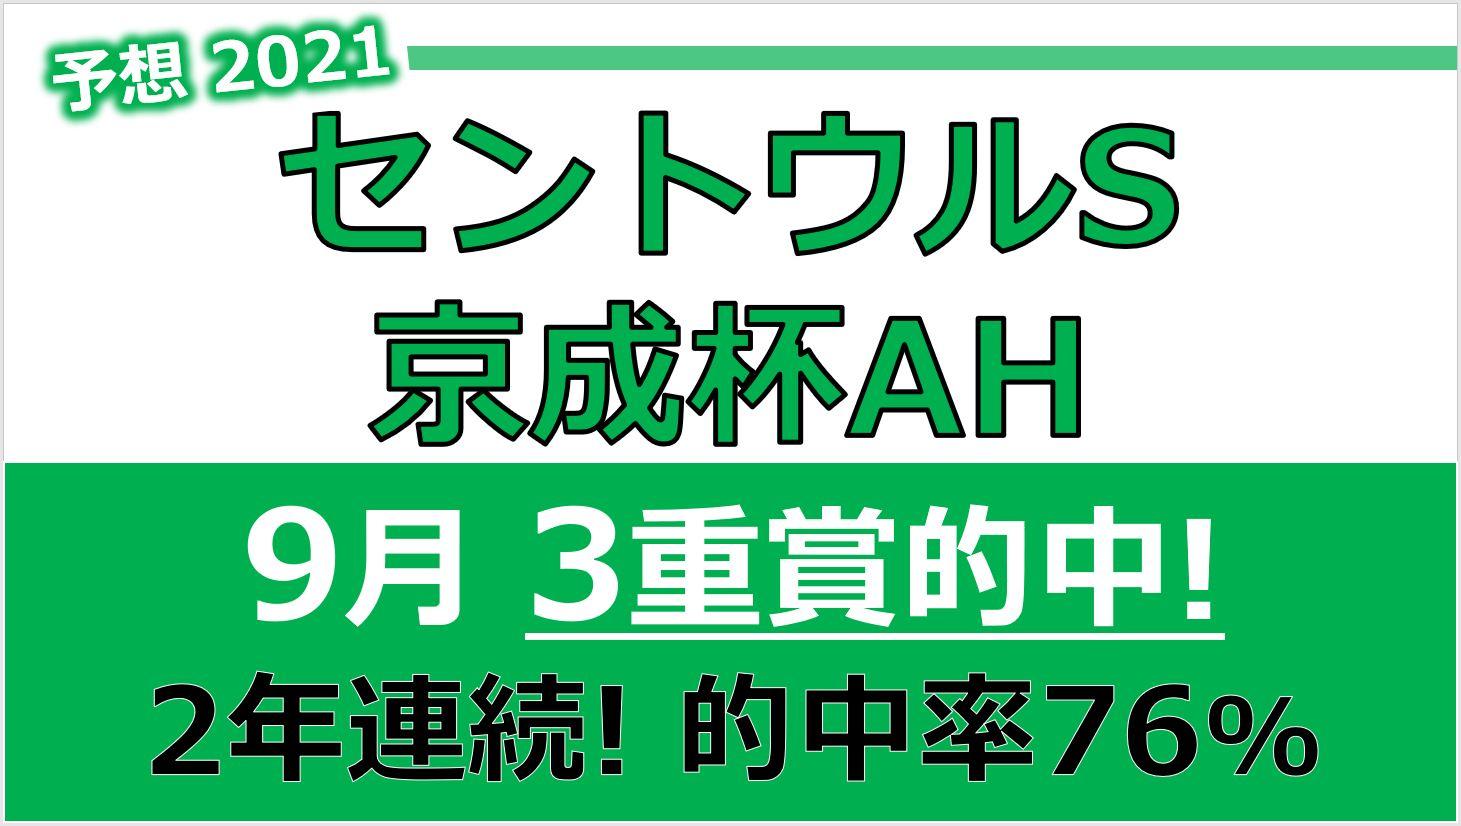 【重賞】セントウルステークス/京成杯オータムハンデ2021 驚異! 年間回収率 125%